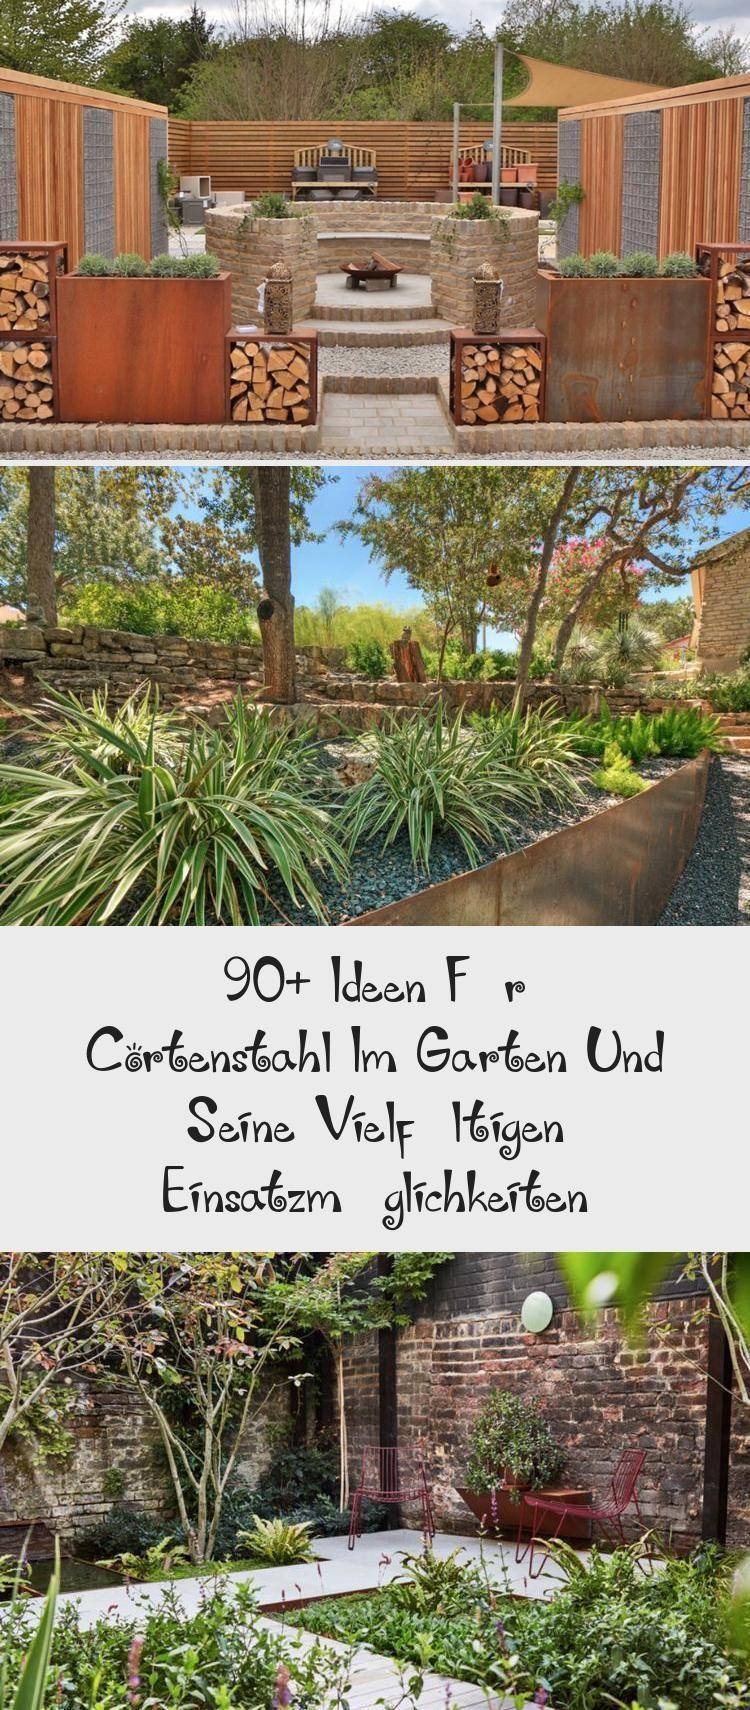 Full Size of Ber 90 Ideen Fr Cortenstahl Im Garten Und Seine Vielfltigen Wohnzimmer Holzlege Cortenstahl